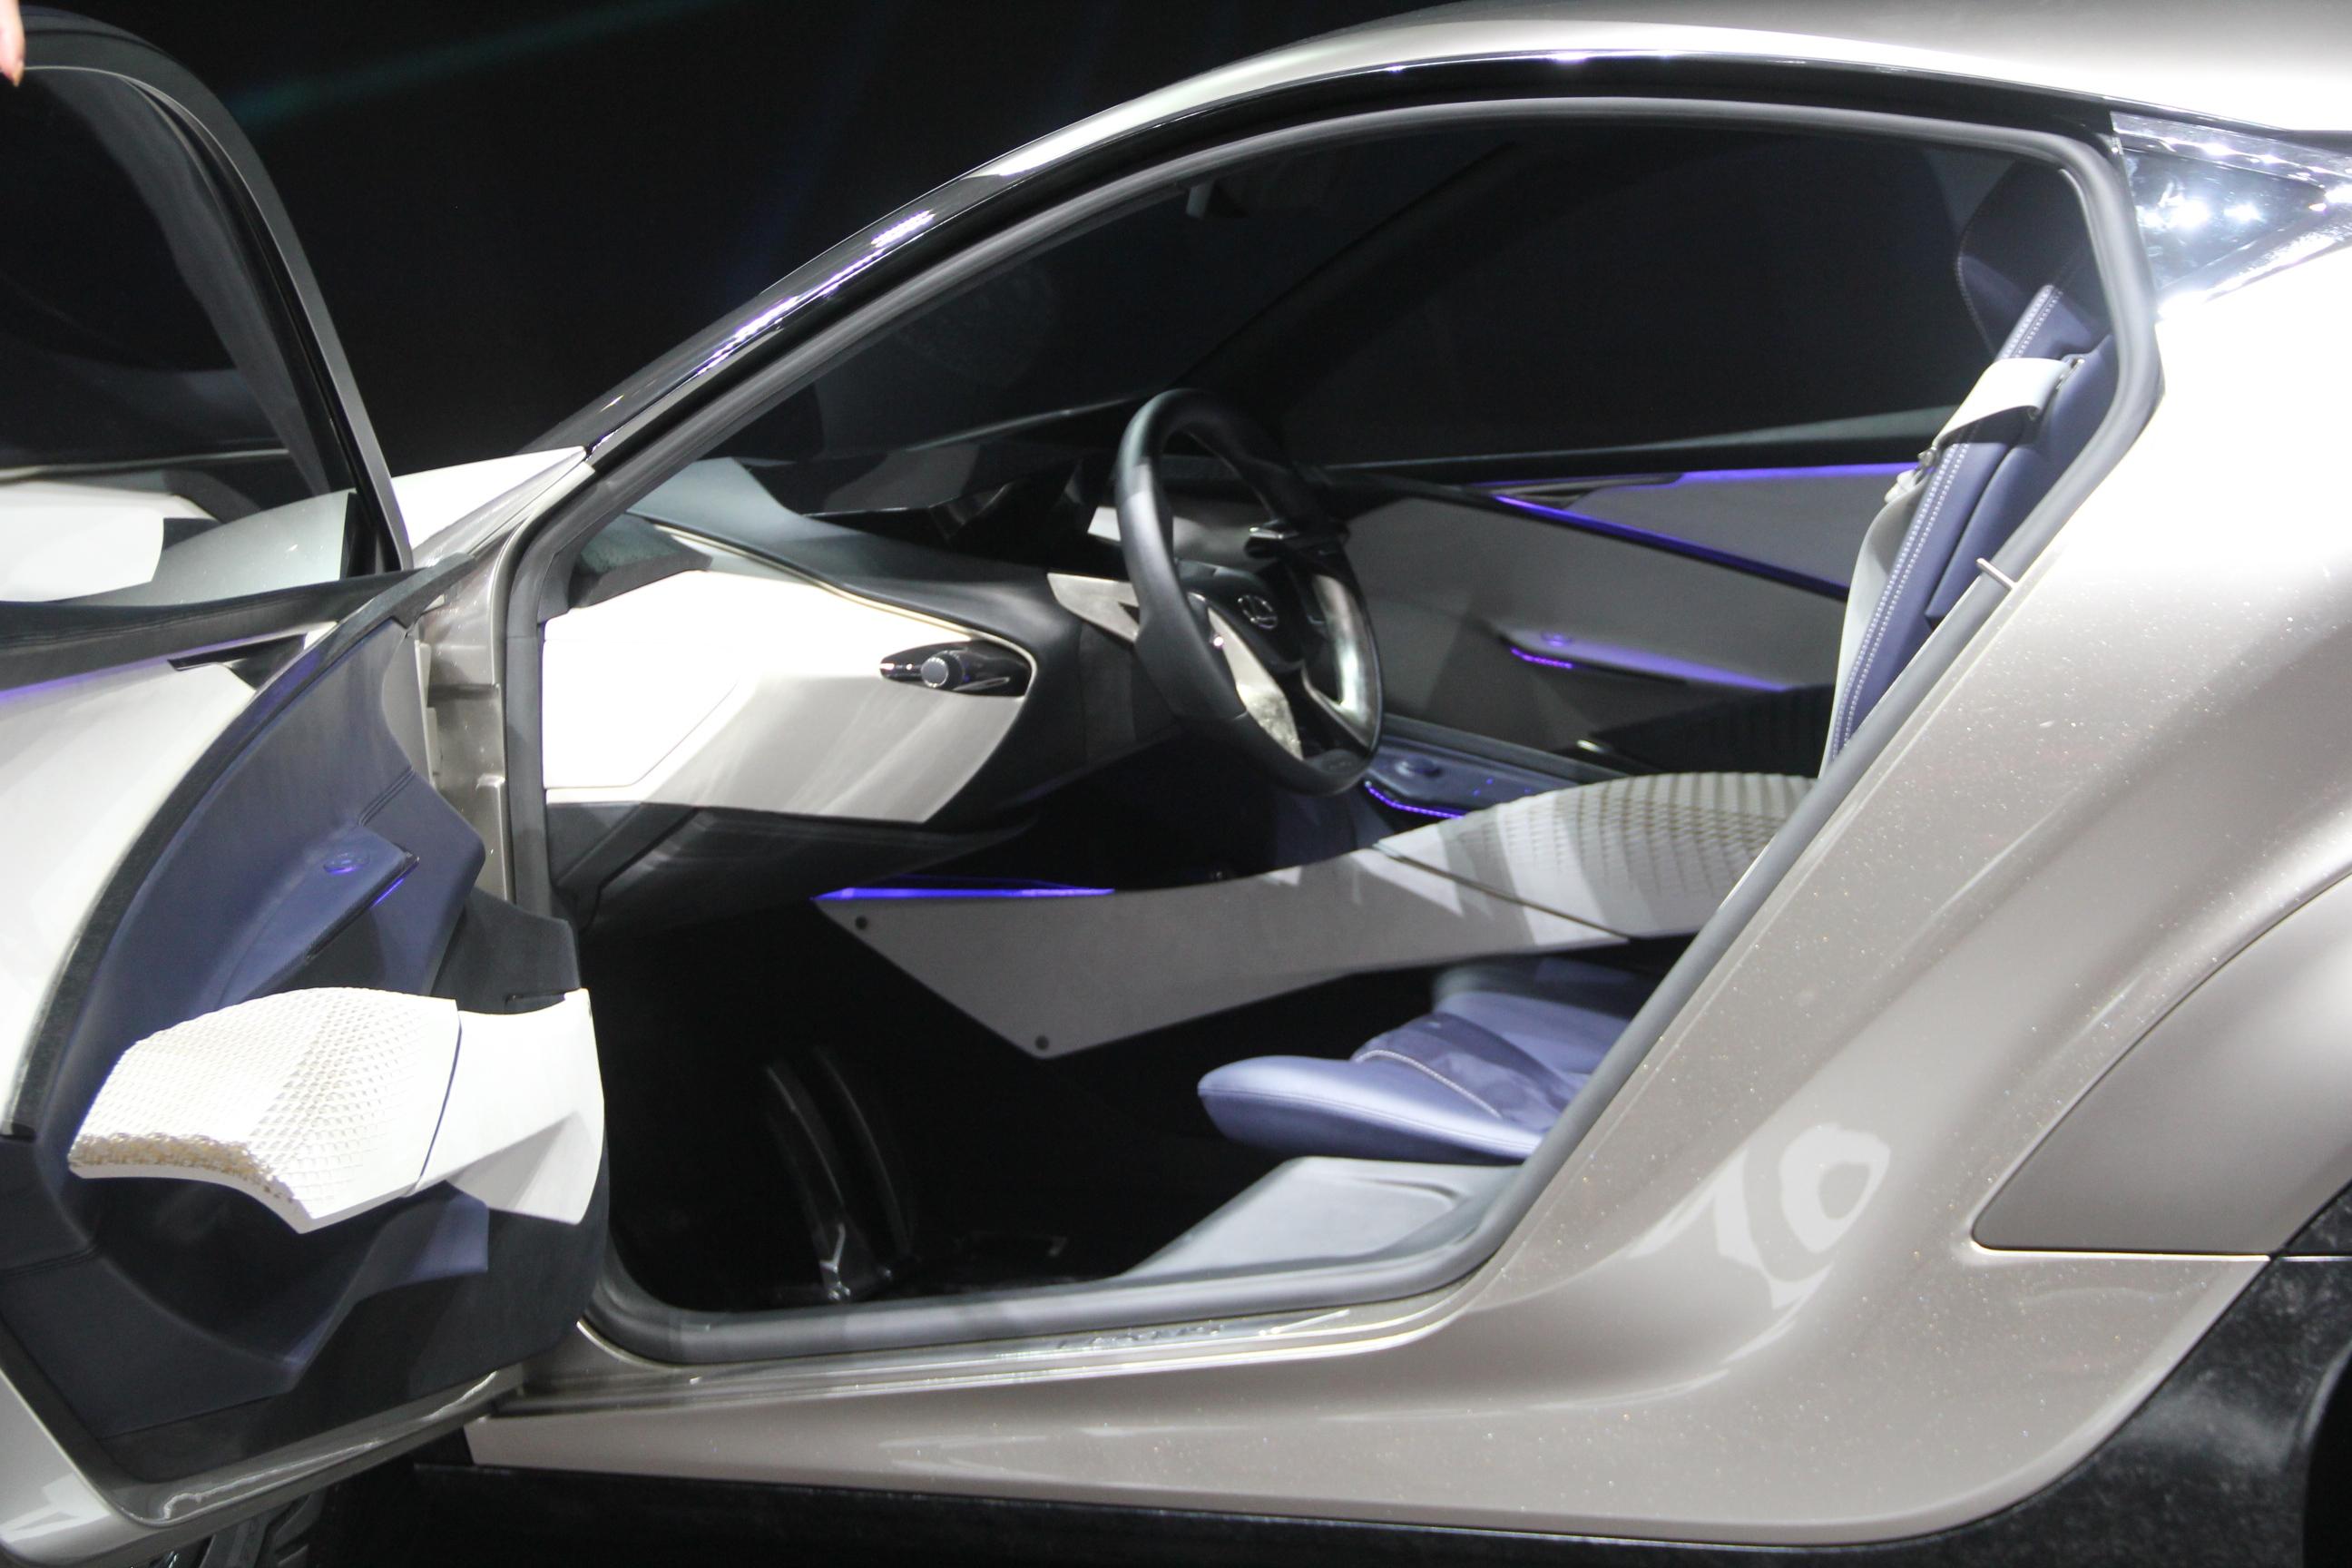 S0-Lexus-LF-SA-Concept-nouveaux-horizons-En-direct-du-salon-de-Geneve-2015-347826.jpg